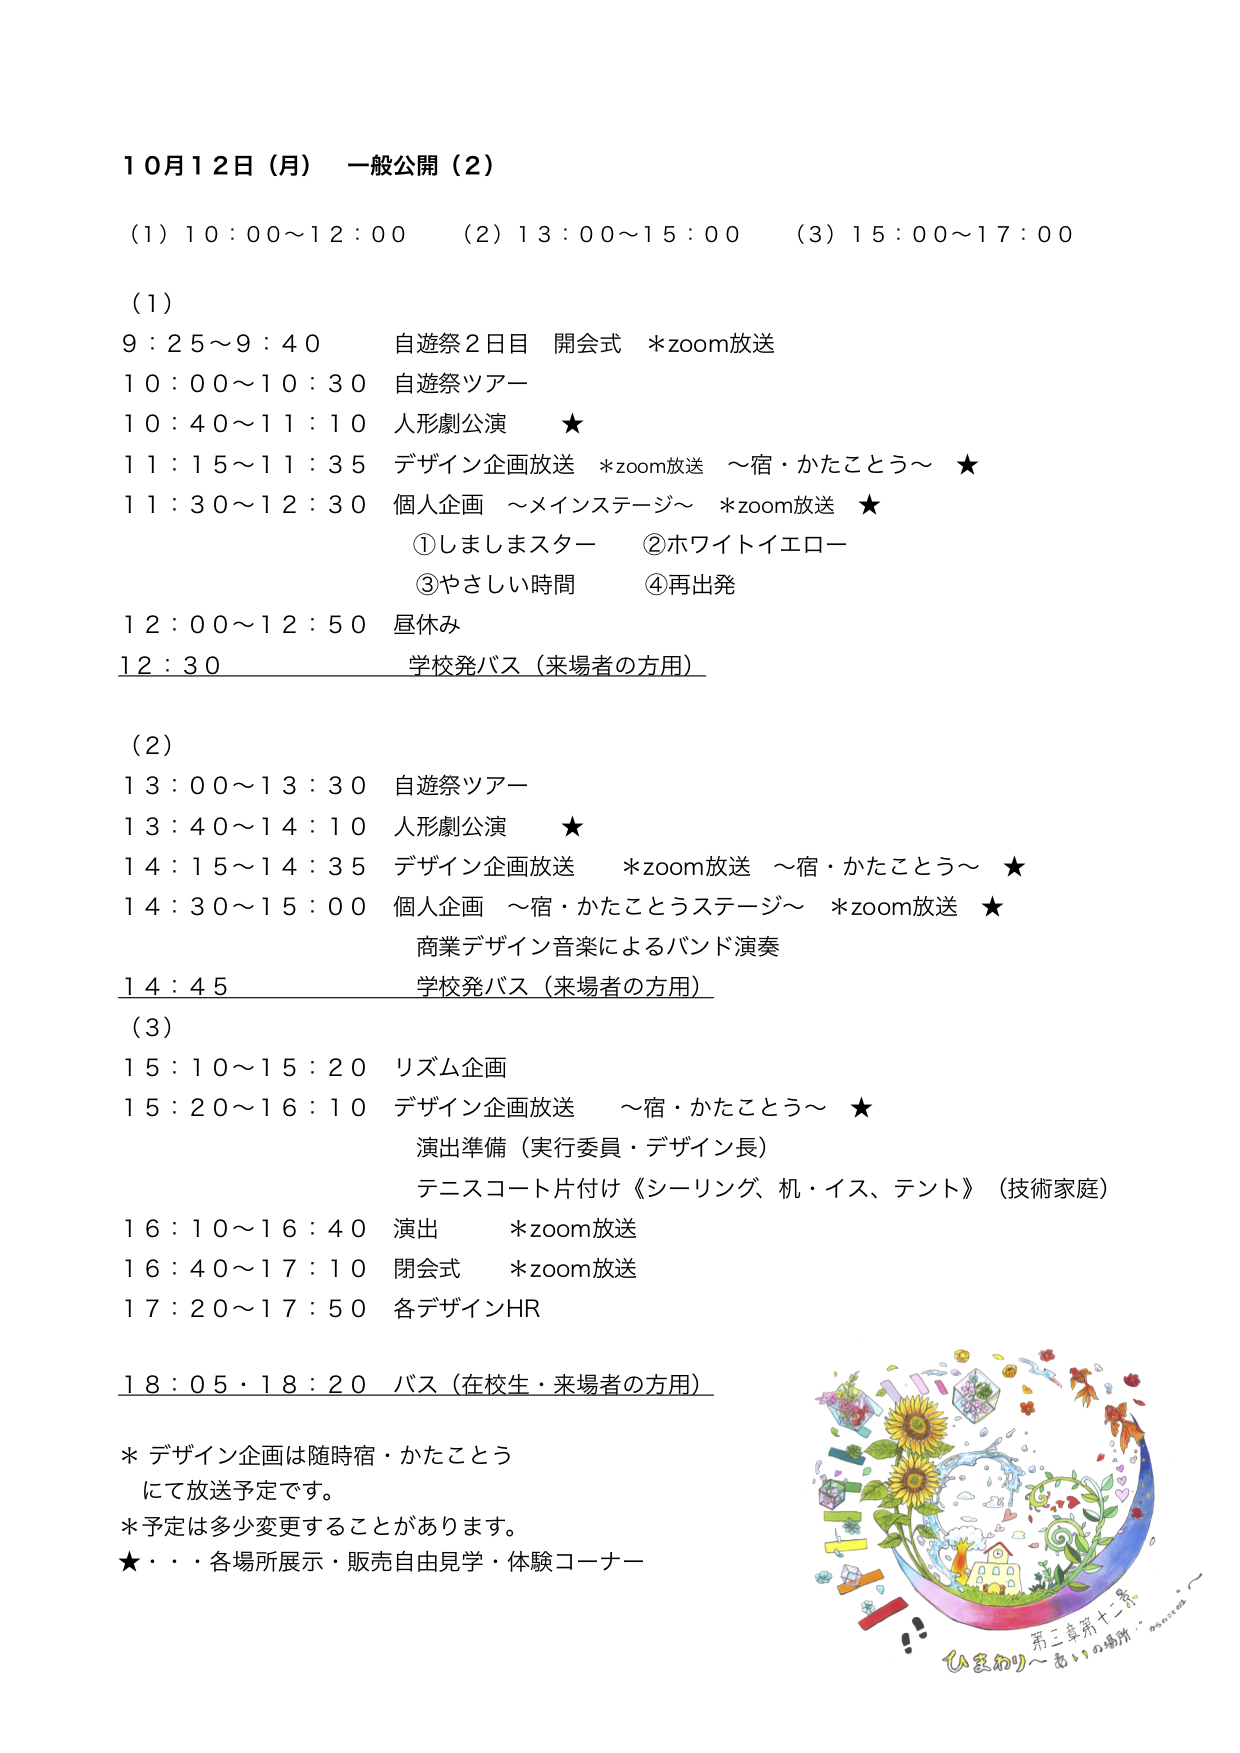 自遊祭タイムテーブル2020(延期ver)2